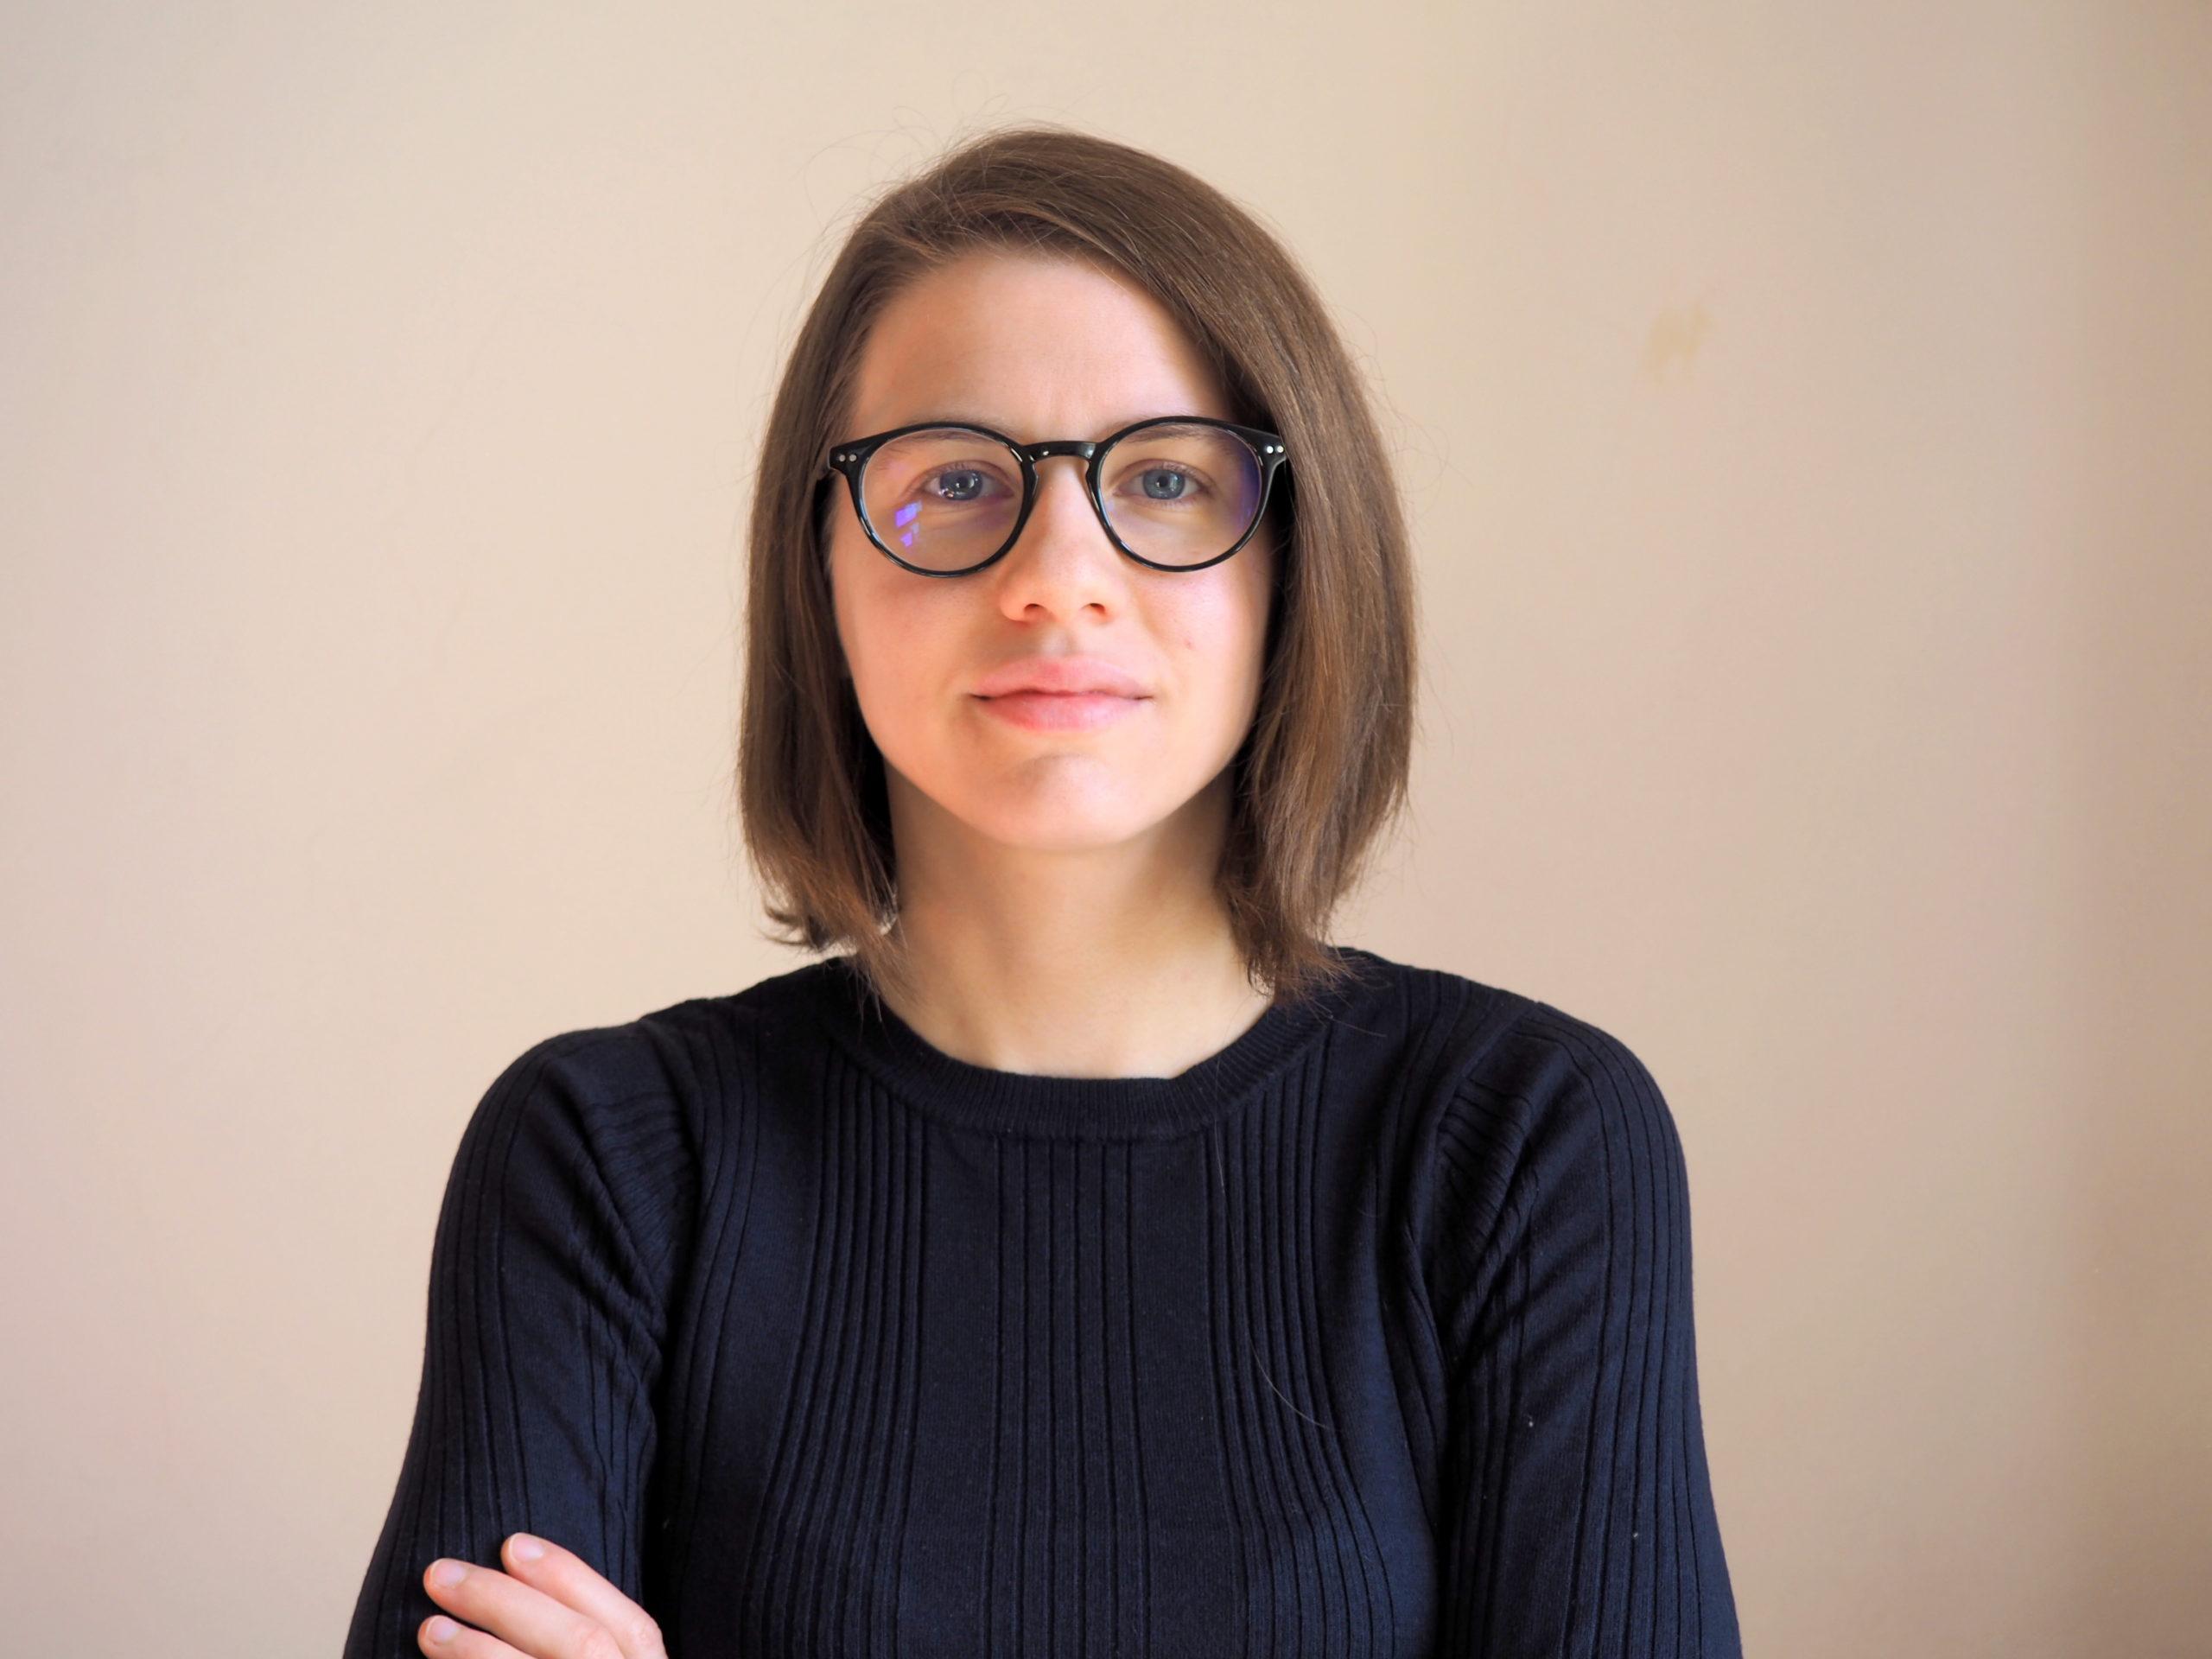 Anna Donovalová